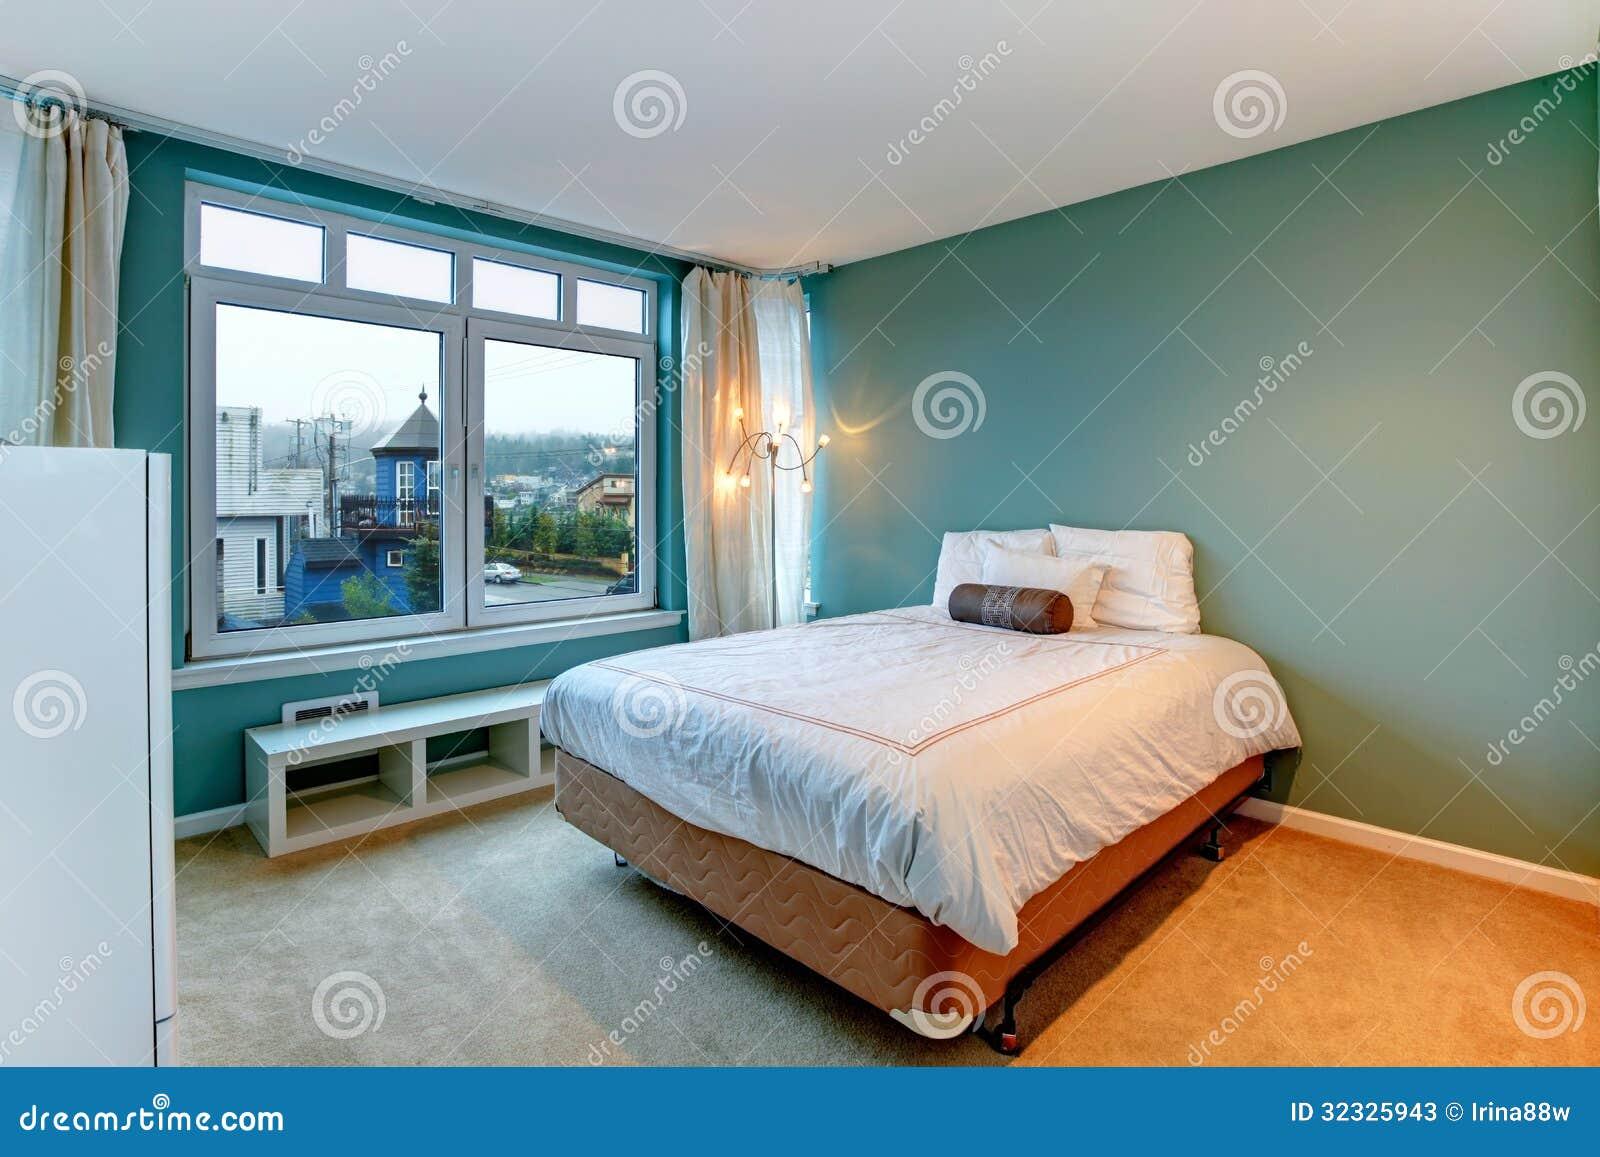 Grünes Schlafzimmer Mit Weißem Bett Und Möbeln. Stockbild - Bild von ...